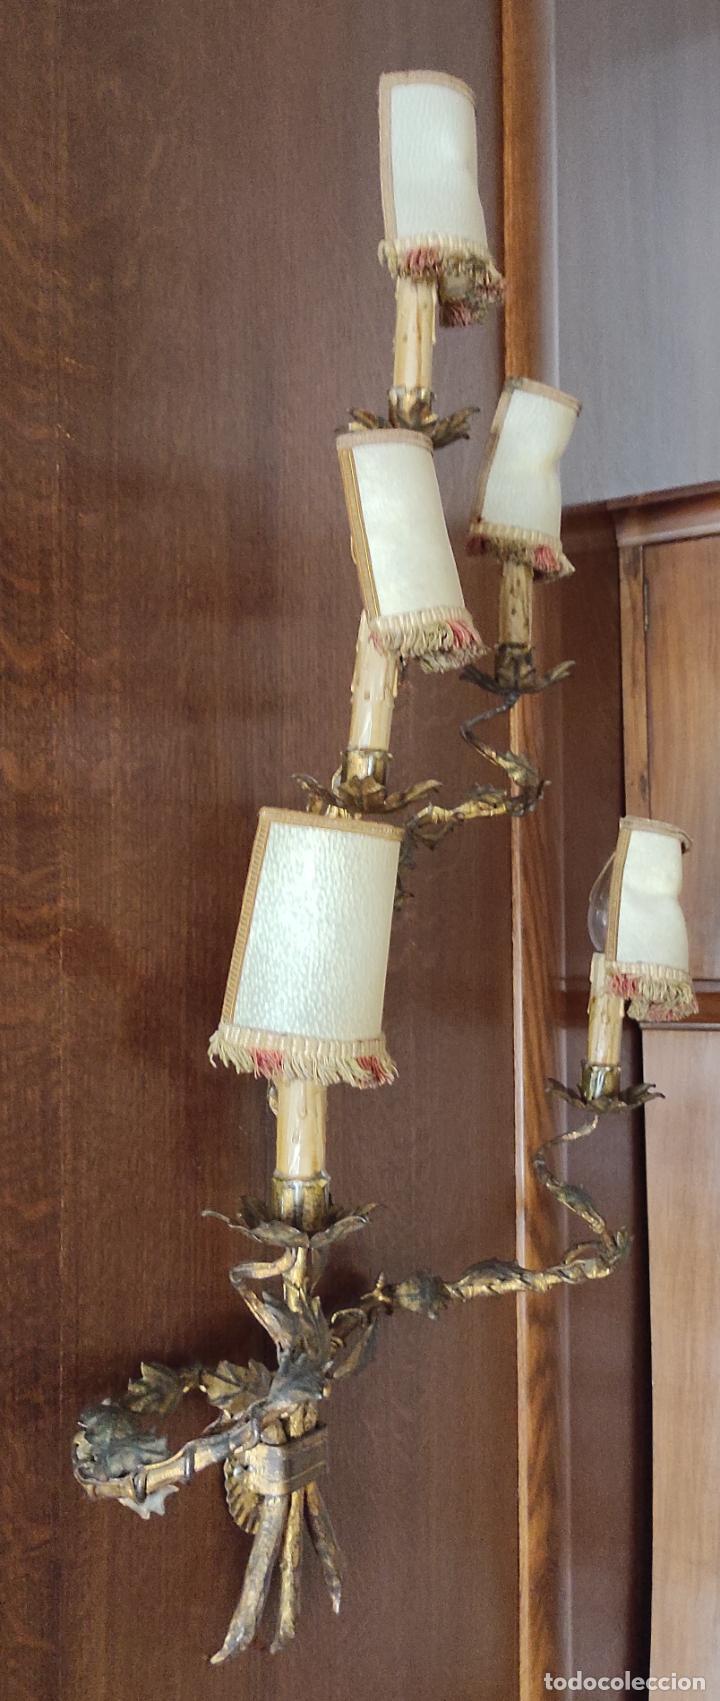 Vintage: Decorativo Gran Aplique - Hierro Forjado Dorado - 5 Luces - Vintage - Foto 12 - 268534319